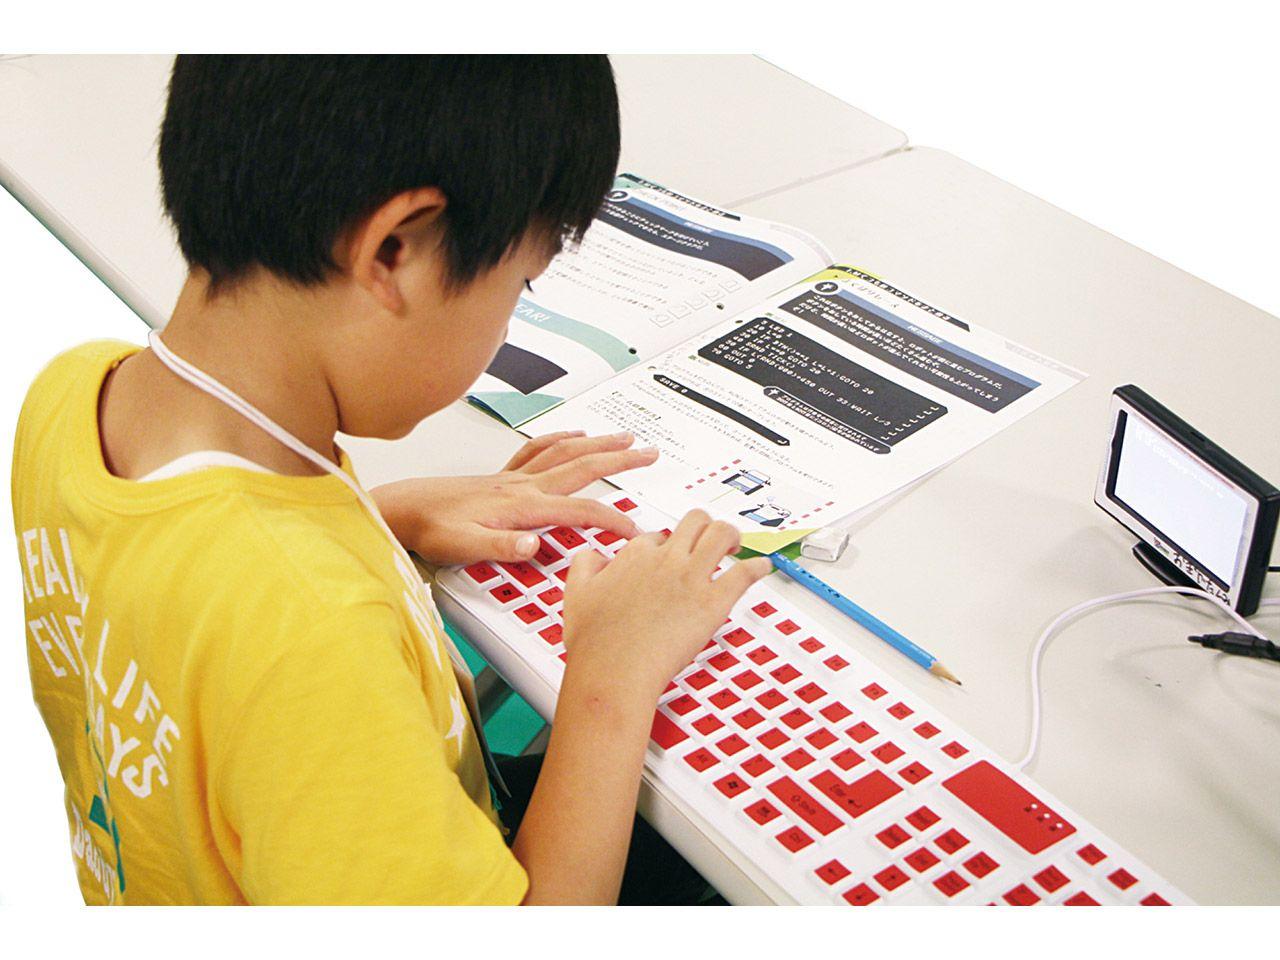 タミヤロボットスクール - 大和駅前教室